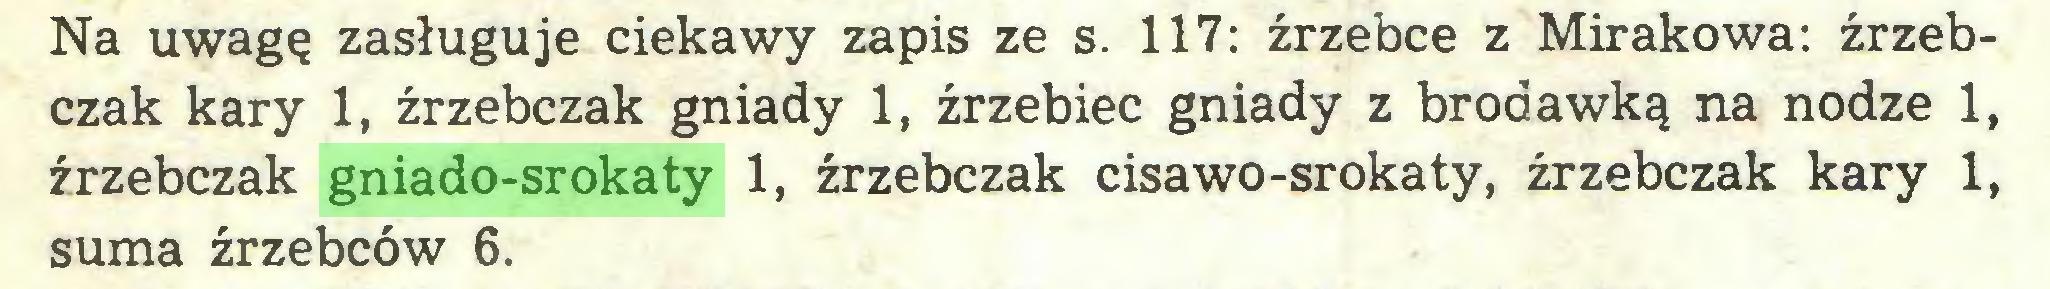 (...) Na uwagę zasługuje ciekawy zapis ze s. 117: źrzebce z Mirakowa: źrzebczak kary 1, źrzebczak gniady 1, źrzebiec gniady z brodawką na nodze 1, źrzebczak gniado-srokaty 1, źrzebczak cisawo-srokaty, źrzebczak kary 1, suma źrzebców 6...